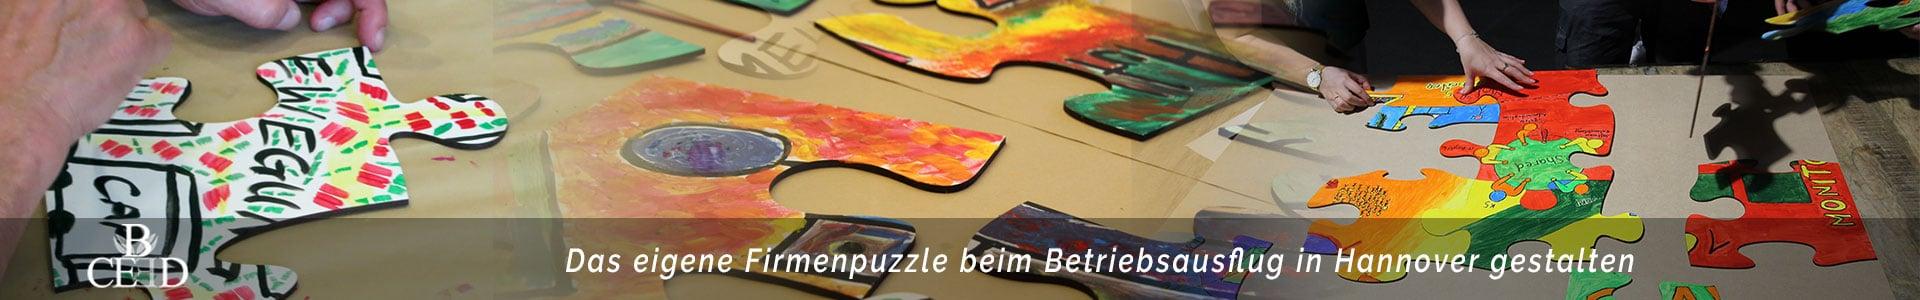 Beim Betriebsausflug in Hannover ein eigenes XXL Puzzle kreativ gestalten mit b-ceed